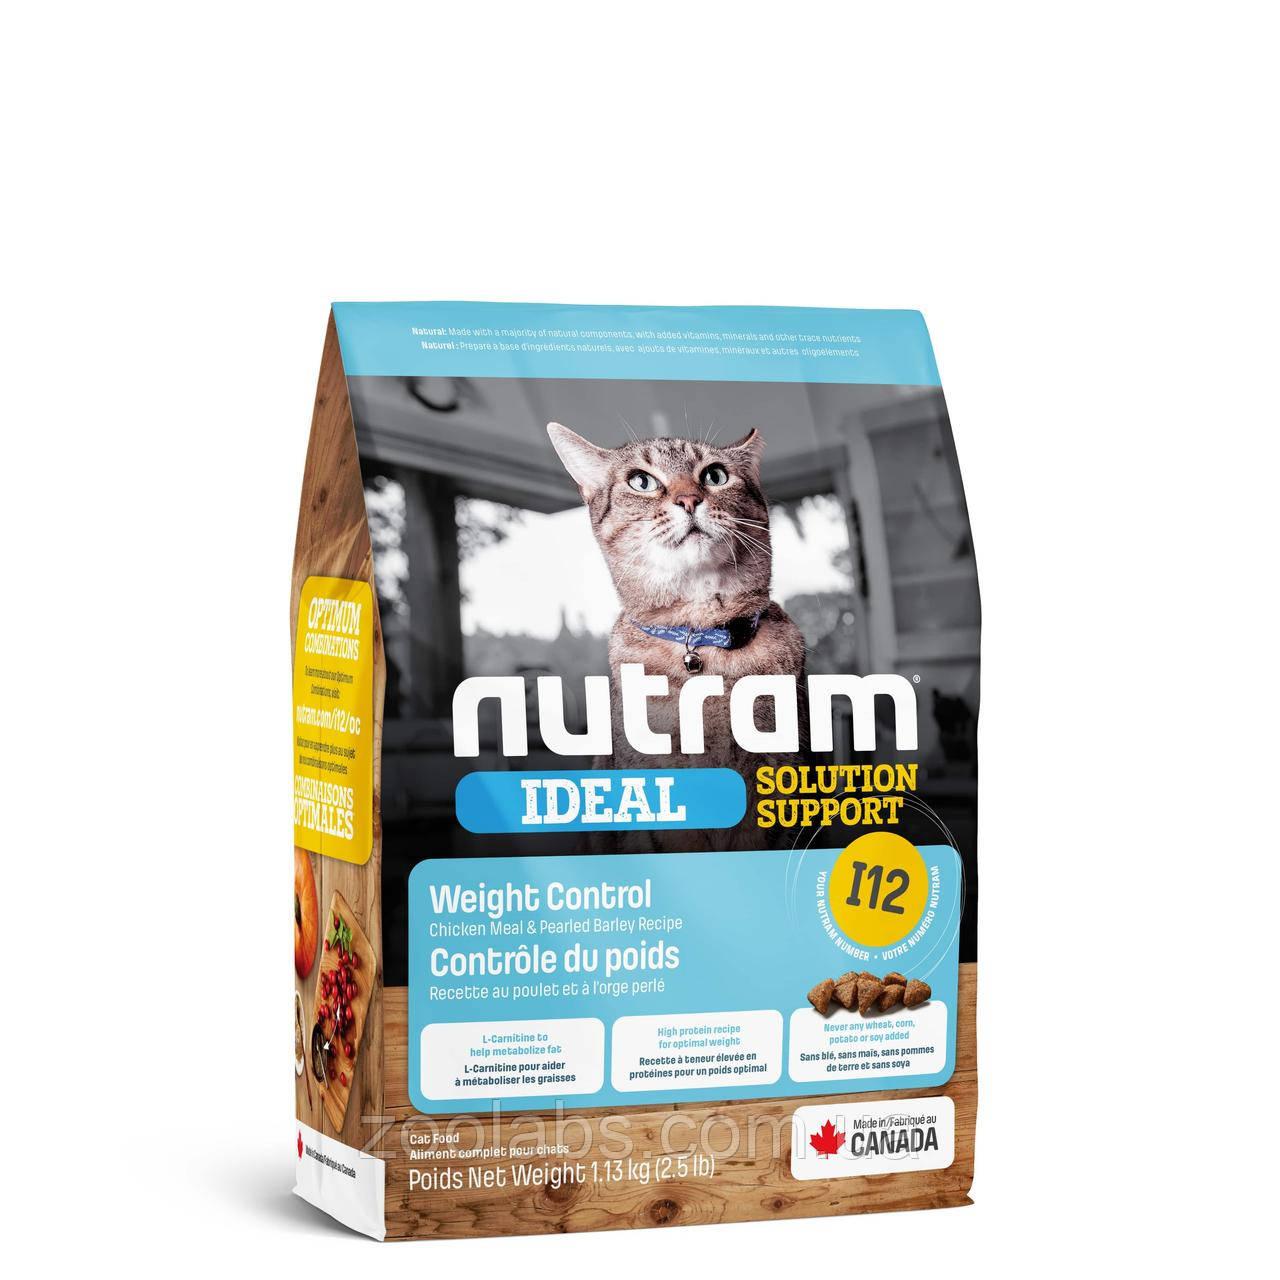 Корм Nutram для взрослых кошек | Nutram I12 Ideal Solution Support Weight Control Cat Food 1.3 кг